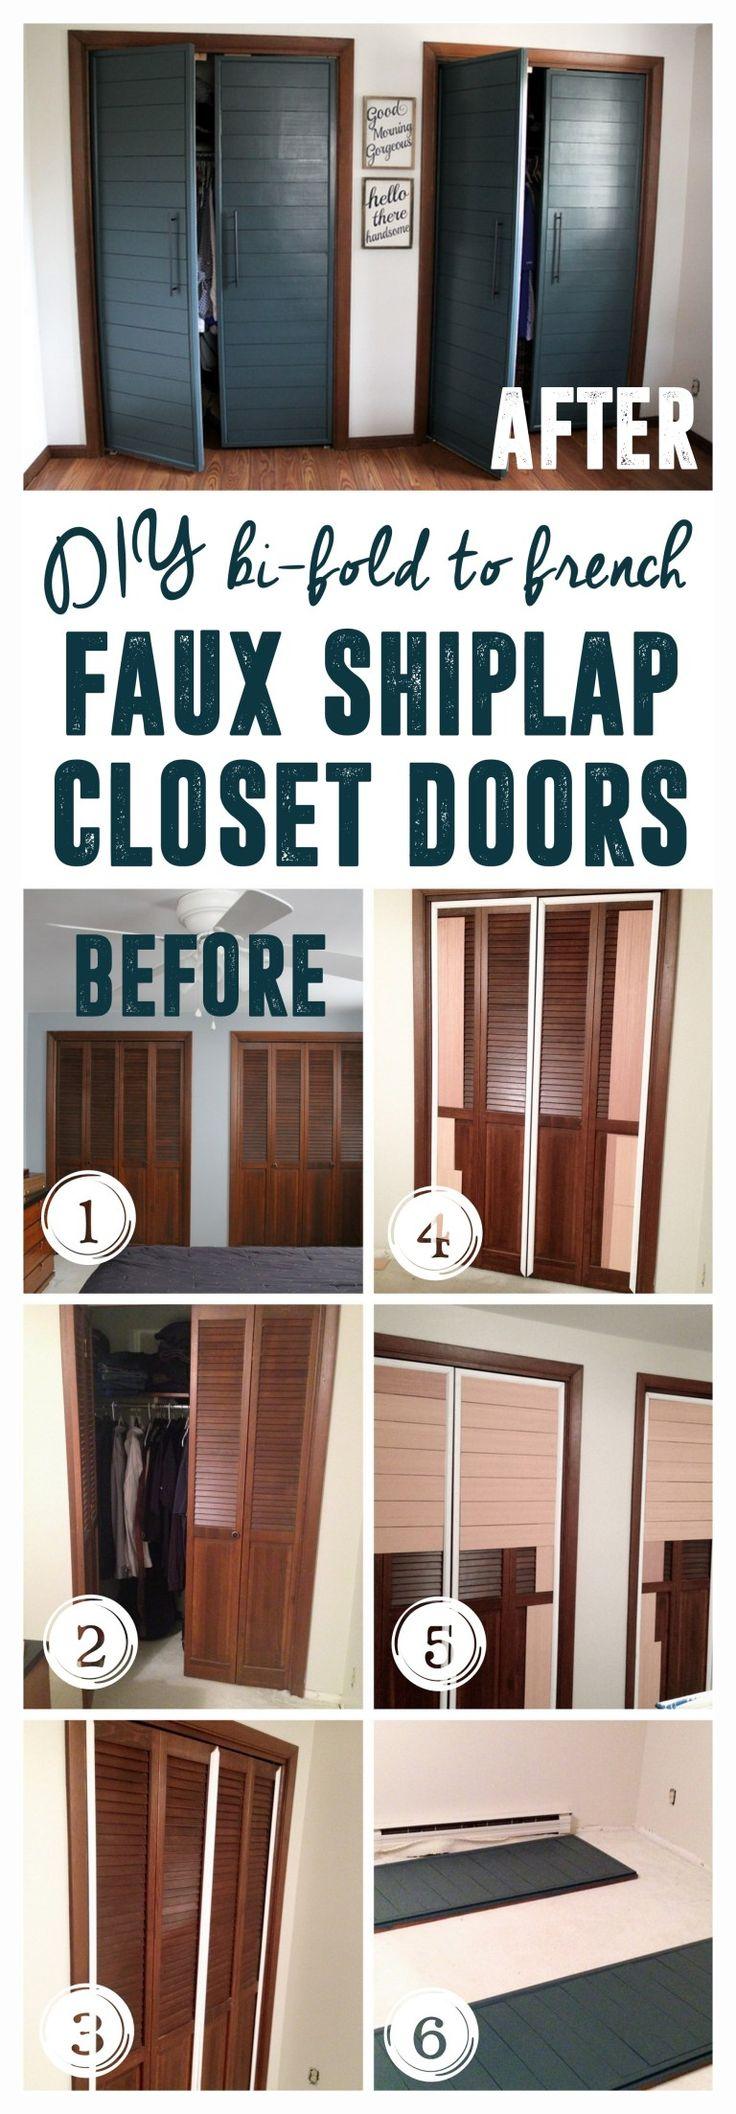 140 best closet doors images on pinterest doors home and closet doors